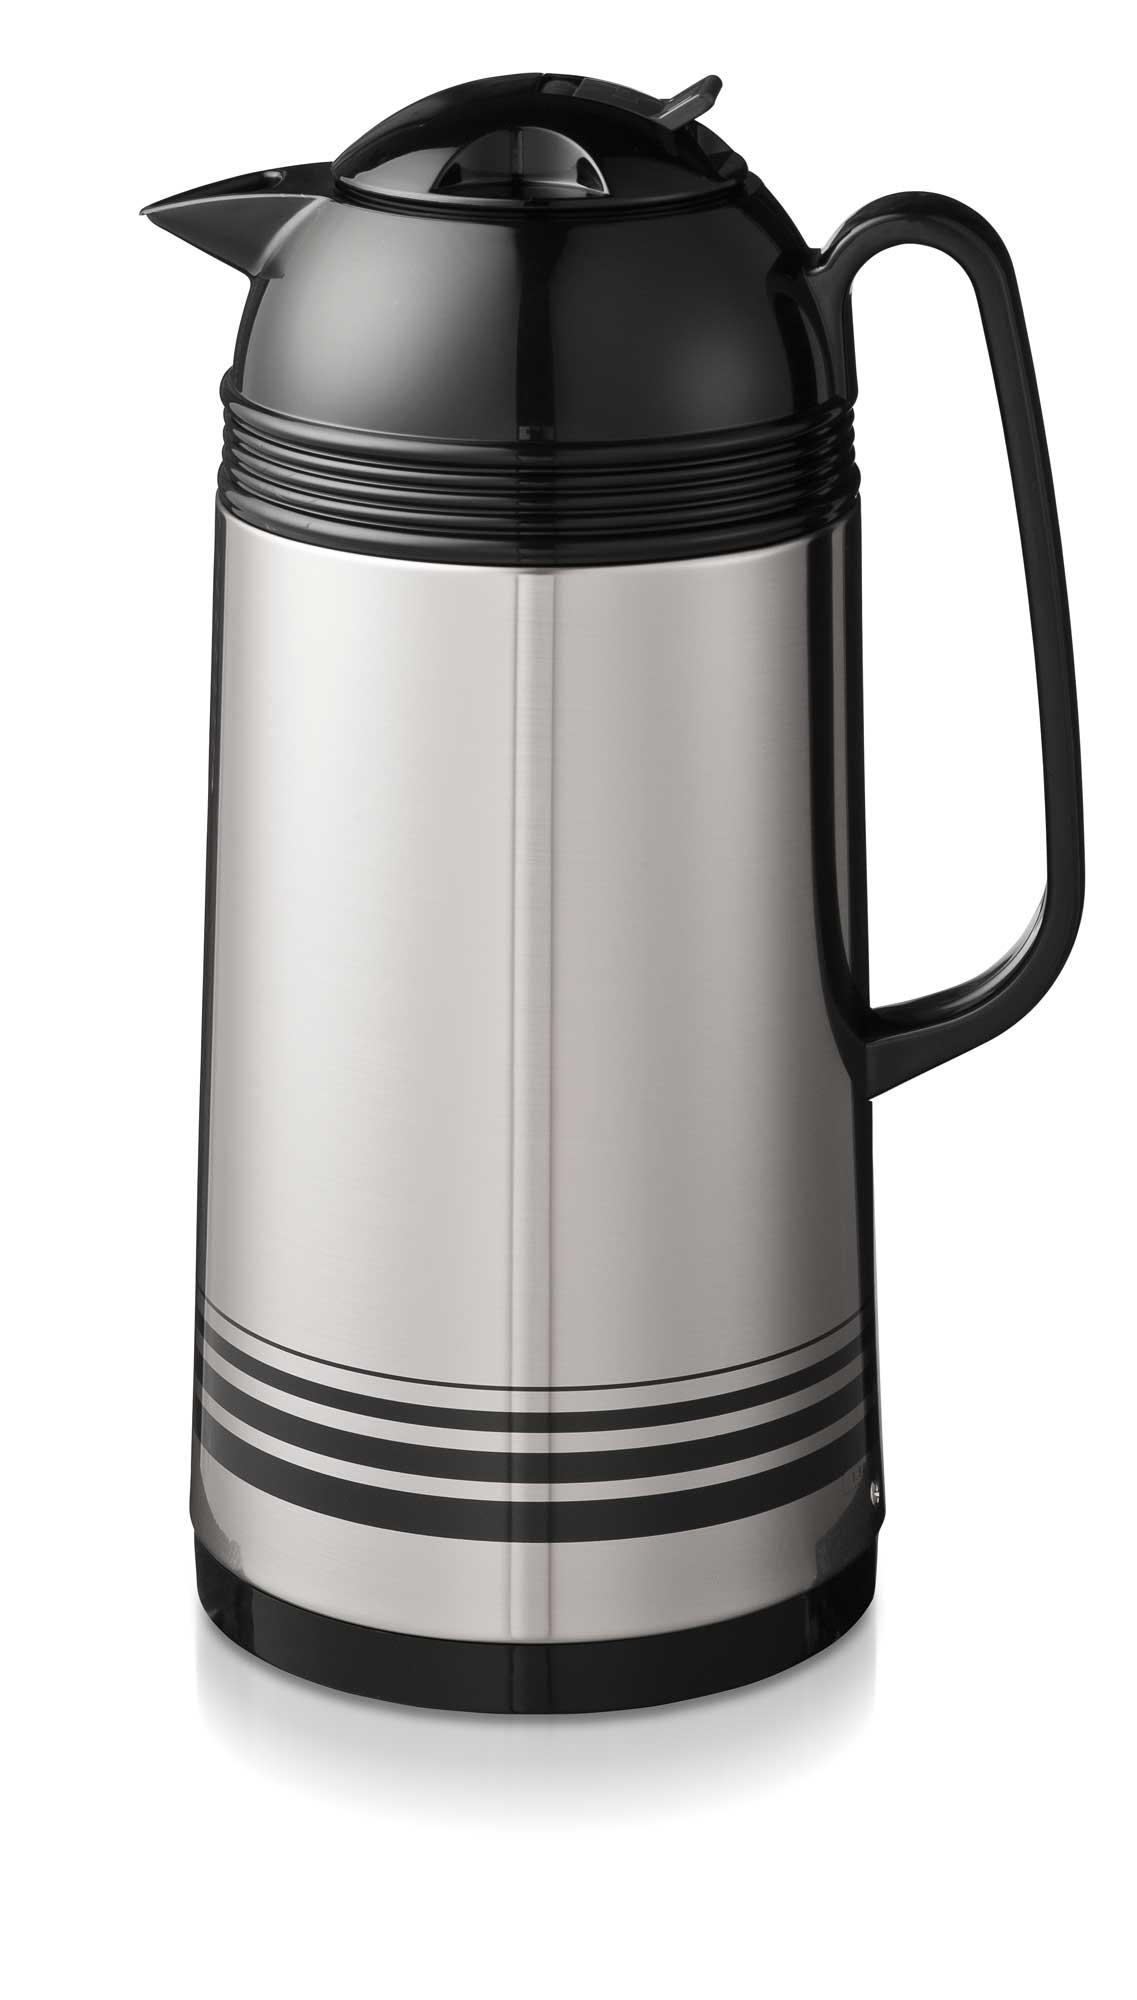 Bravilor Bonamat Isolierkanne 1,9 Liter